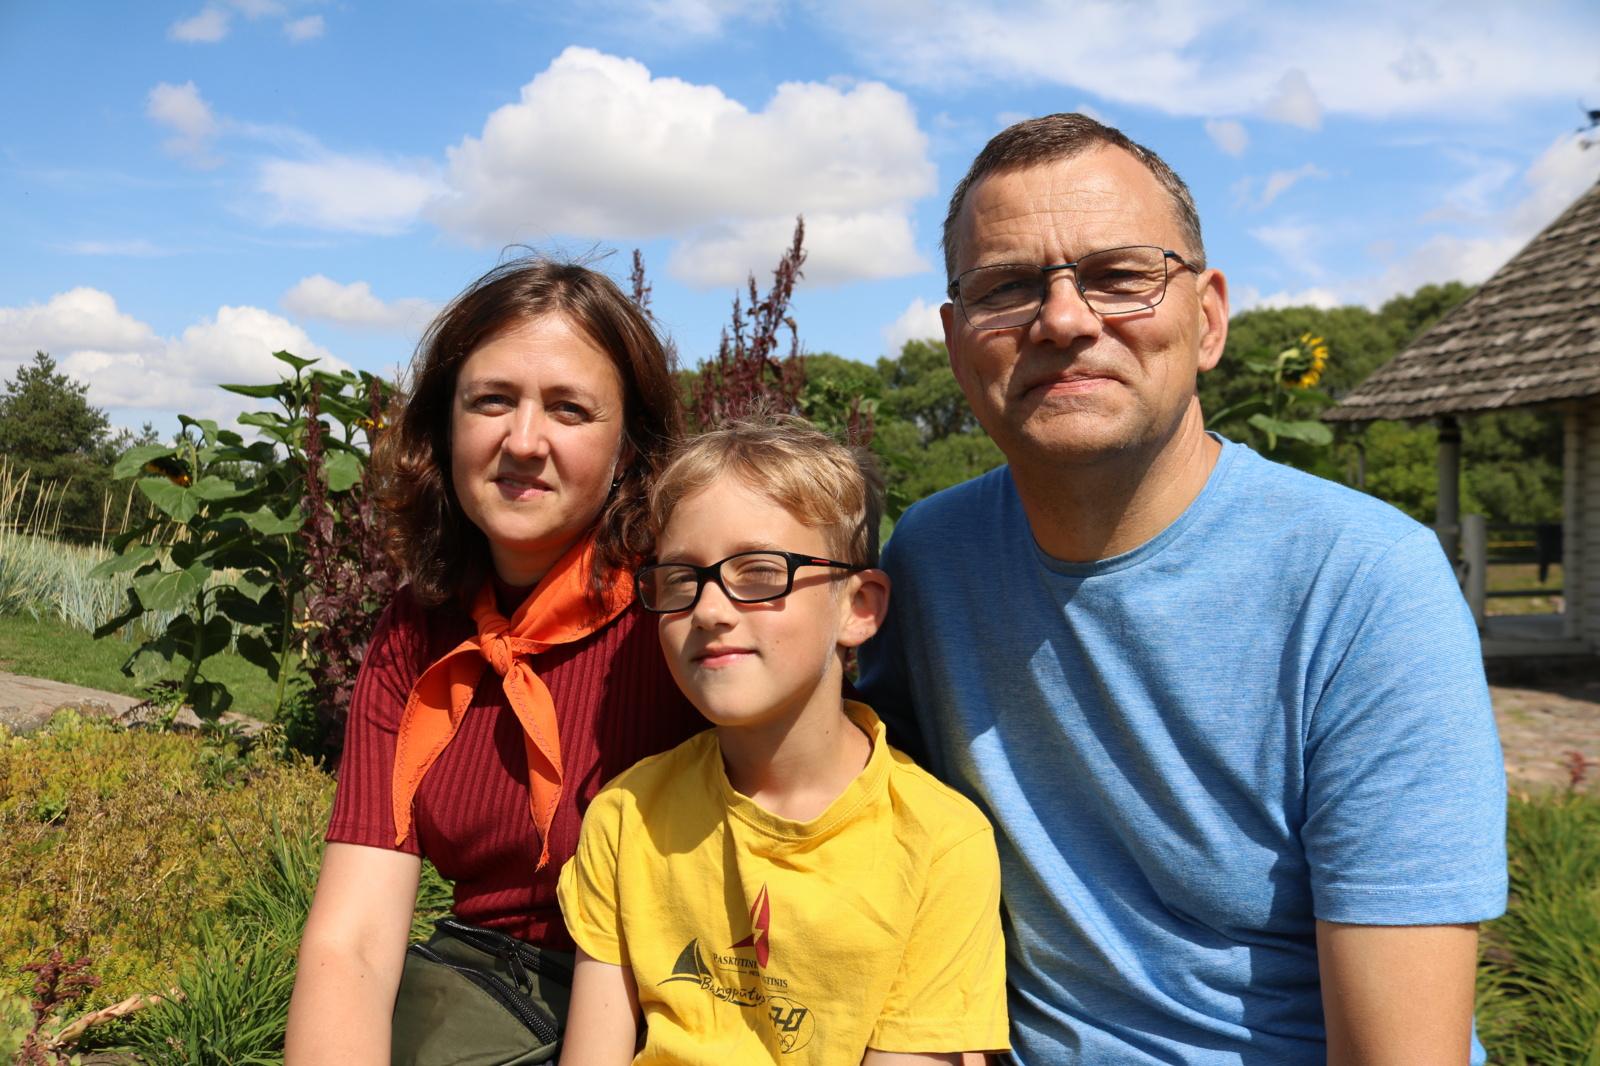 Šeimų vasaros stovykla: laikas sau ir Dievui